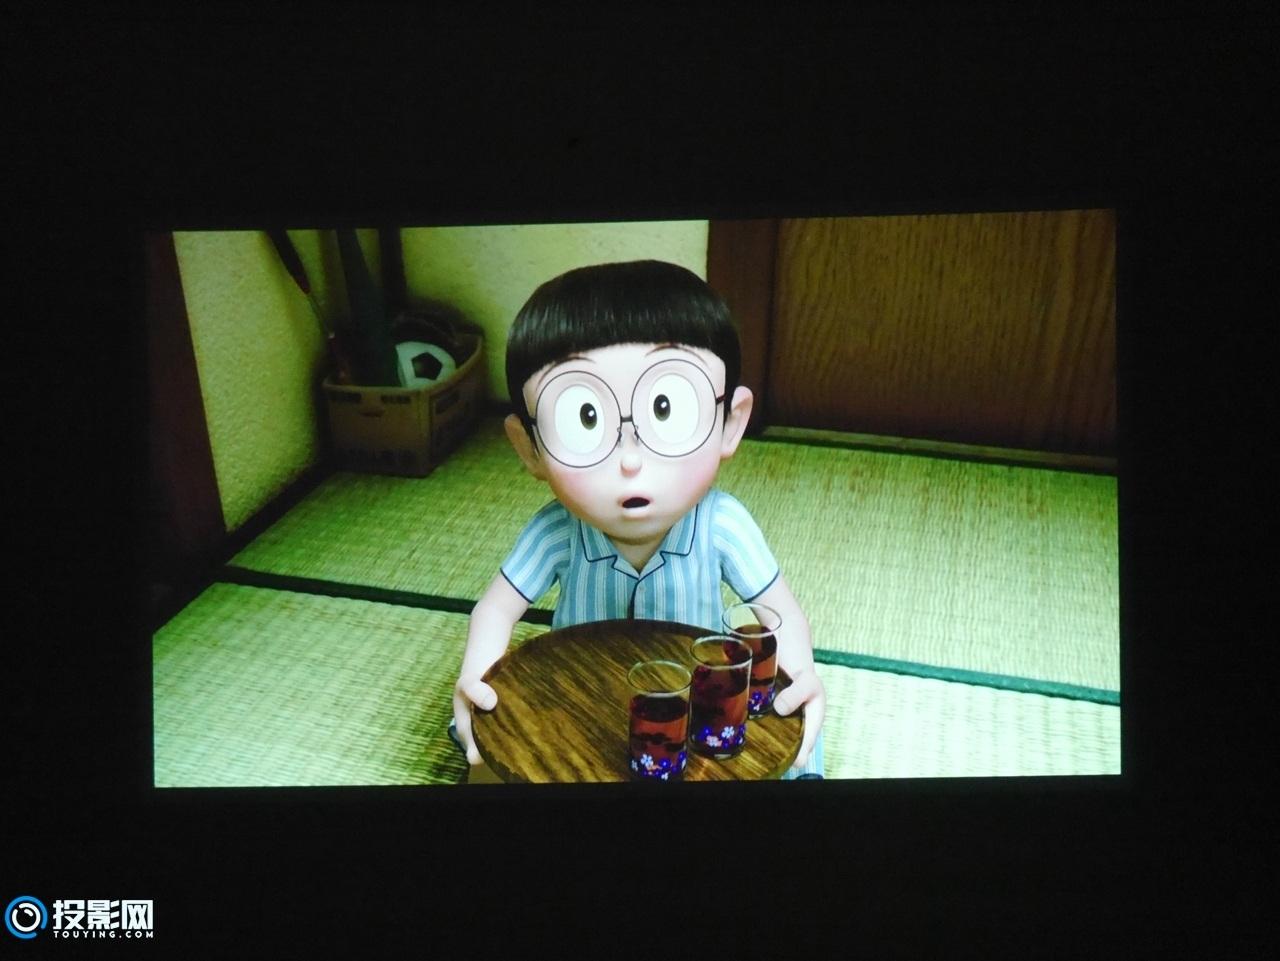 年轻人的第一款电视投影产品 极米芒果小觅智能投影评测